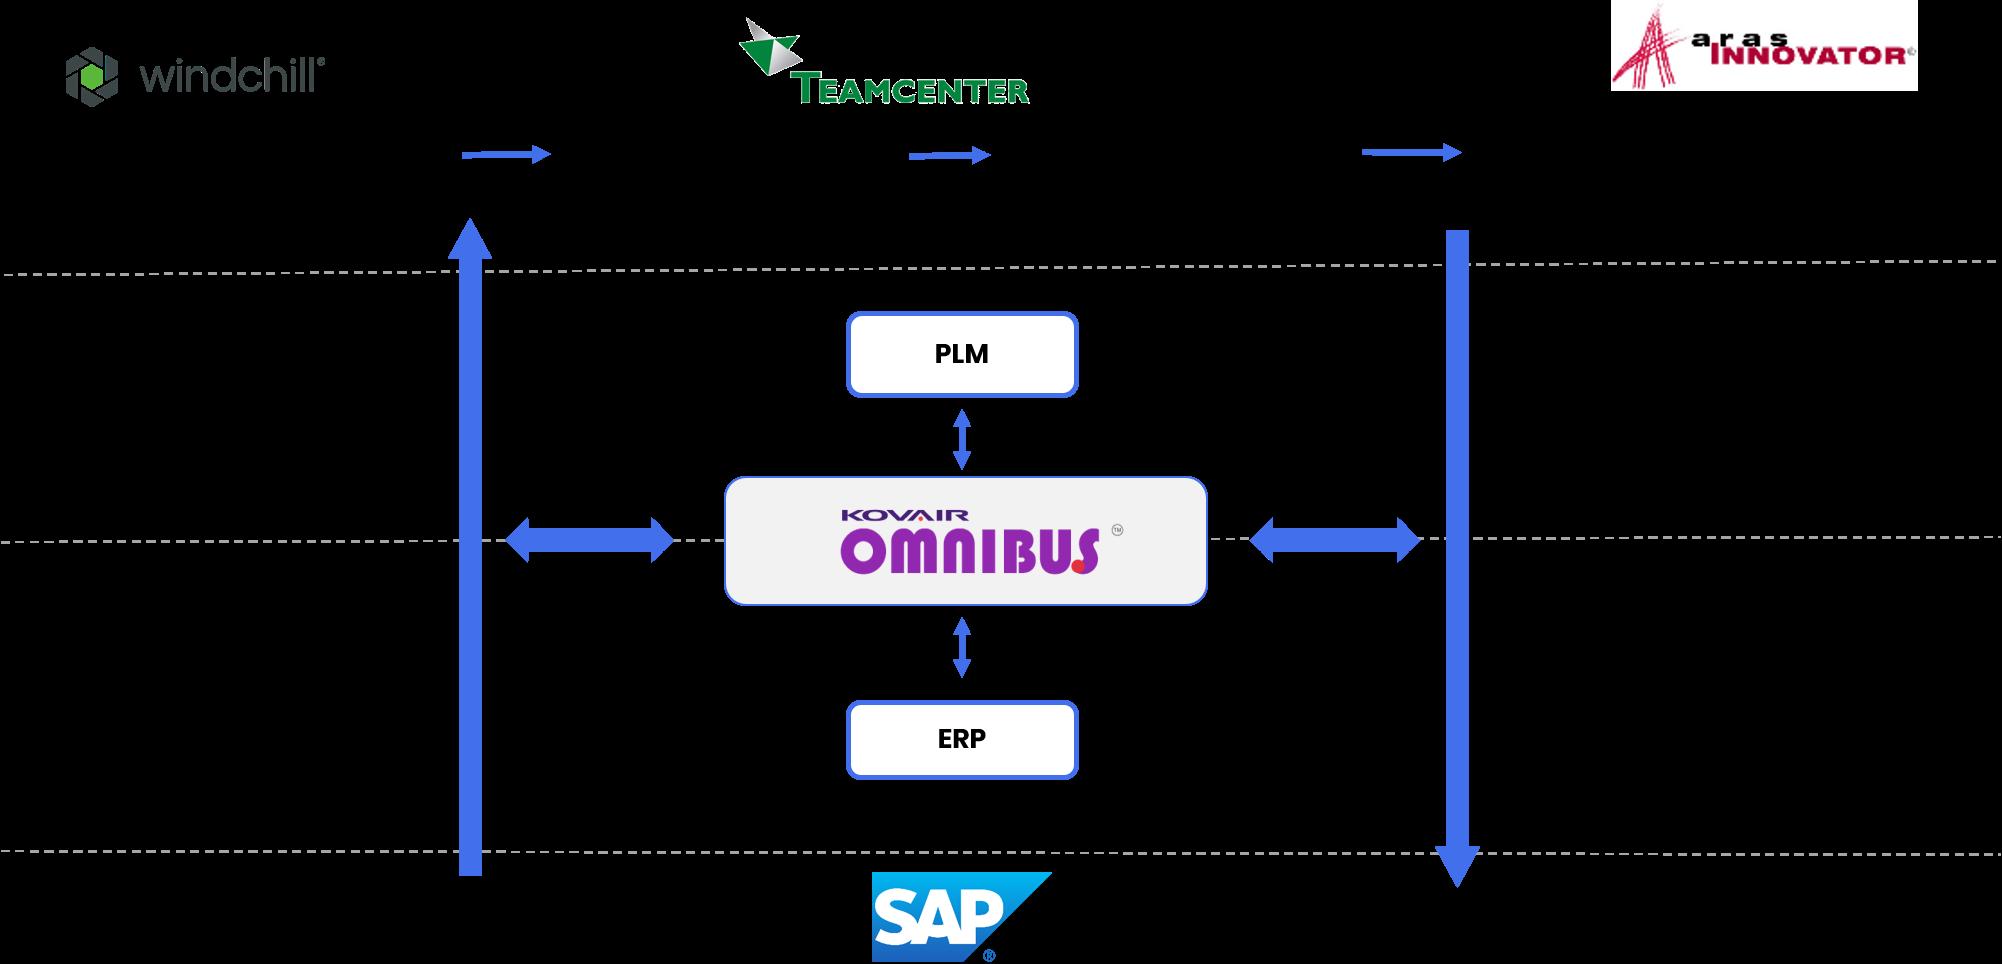 Use Case 3: PLM-ERP Integration for Change Management